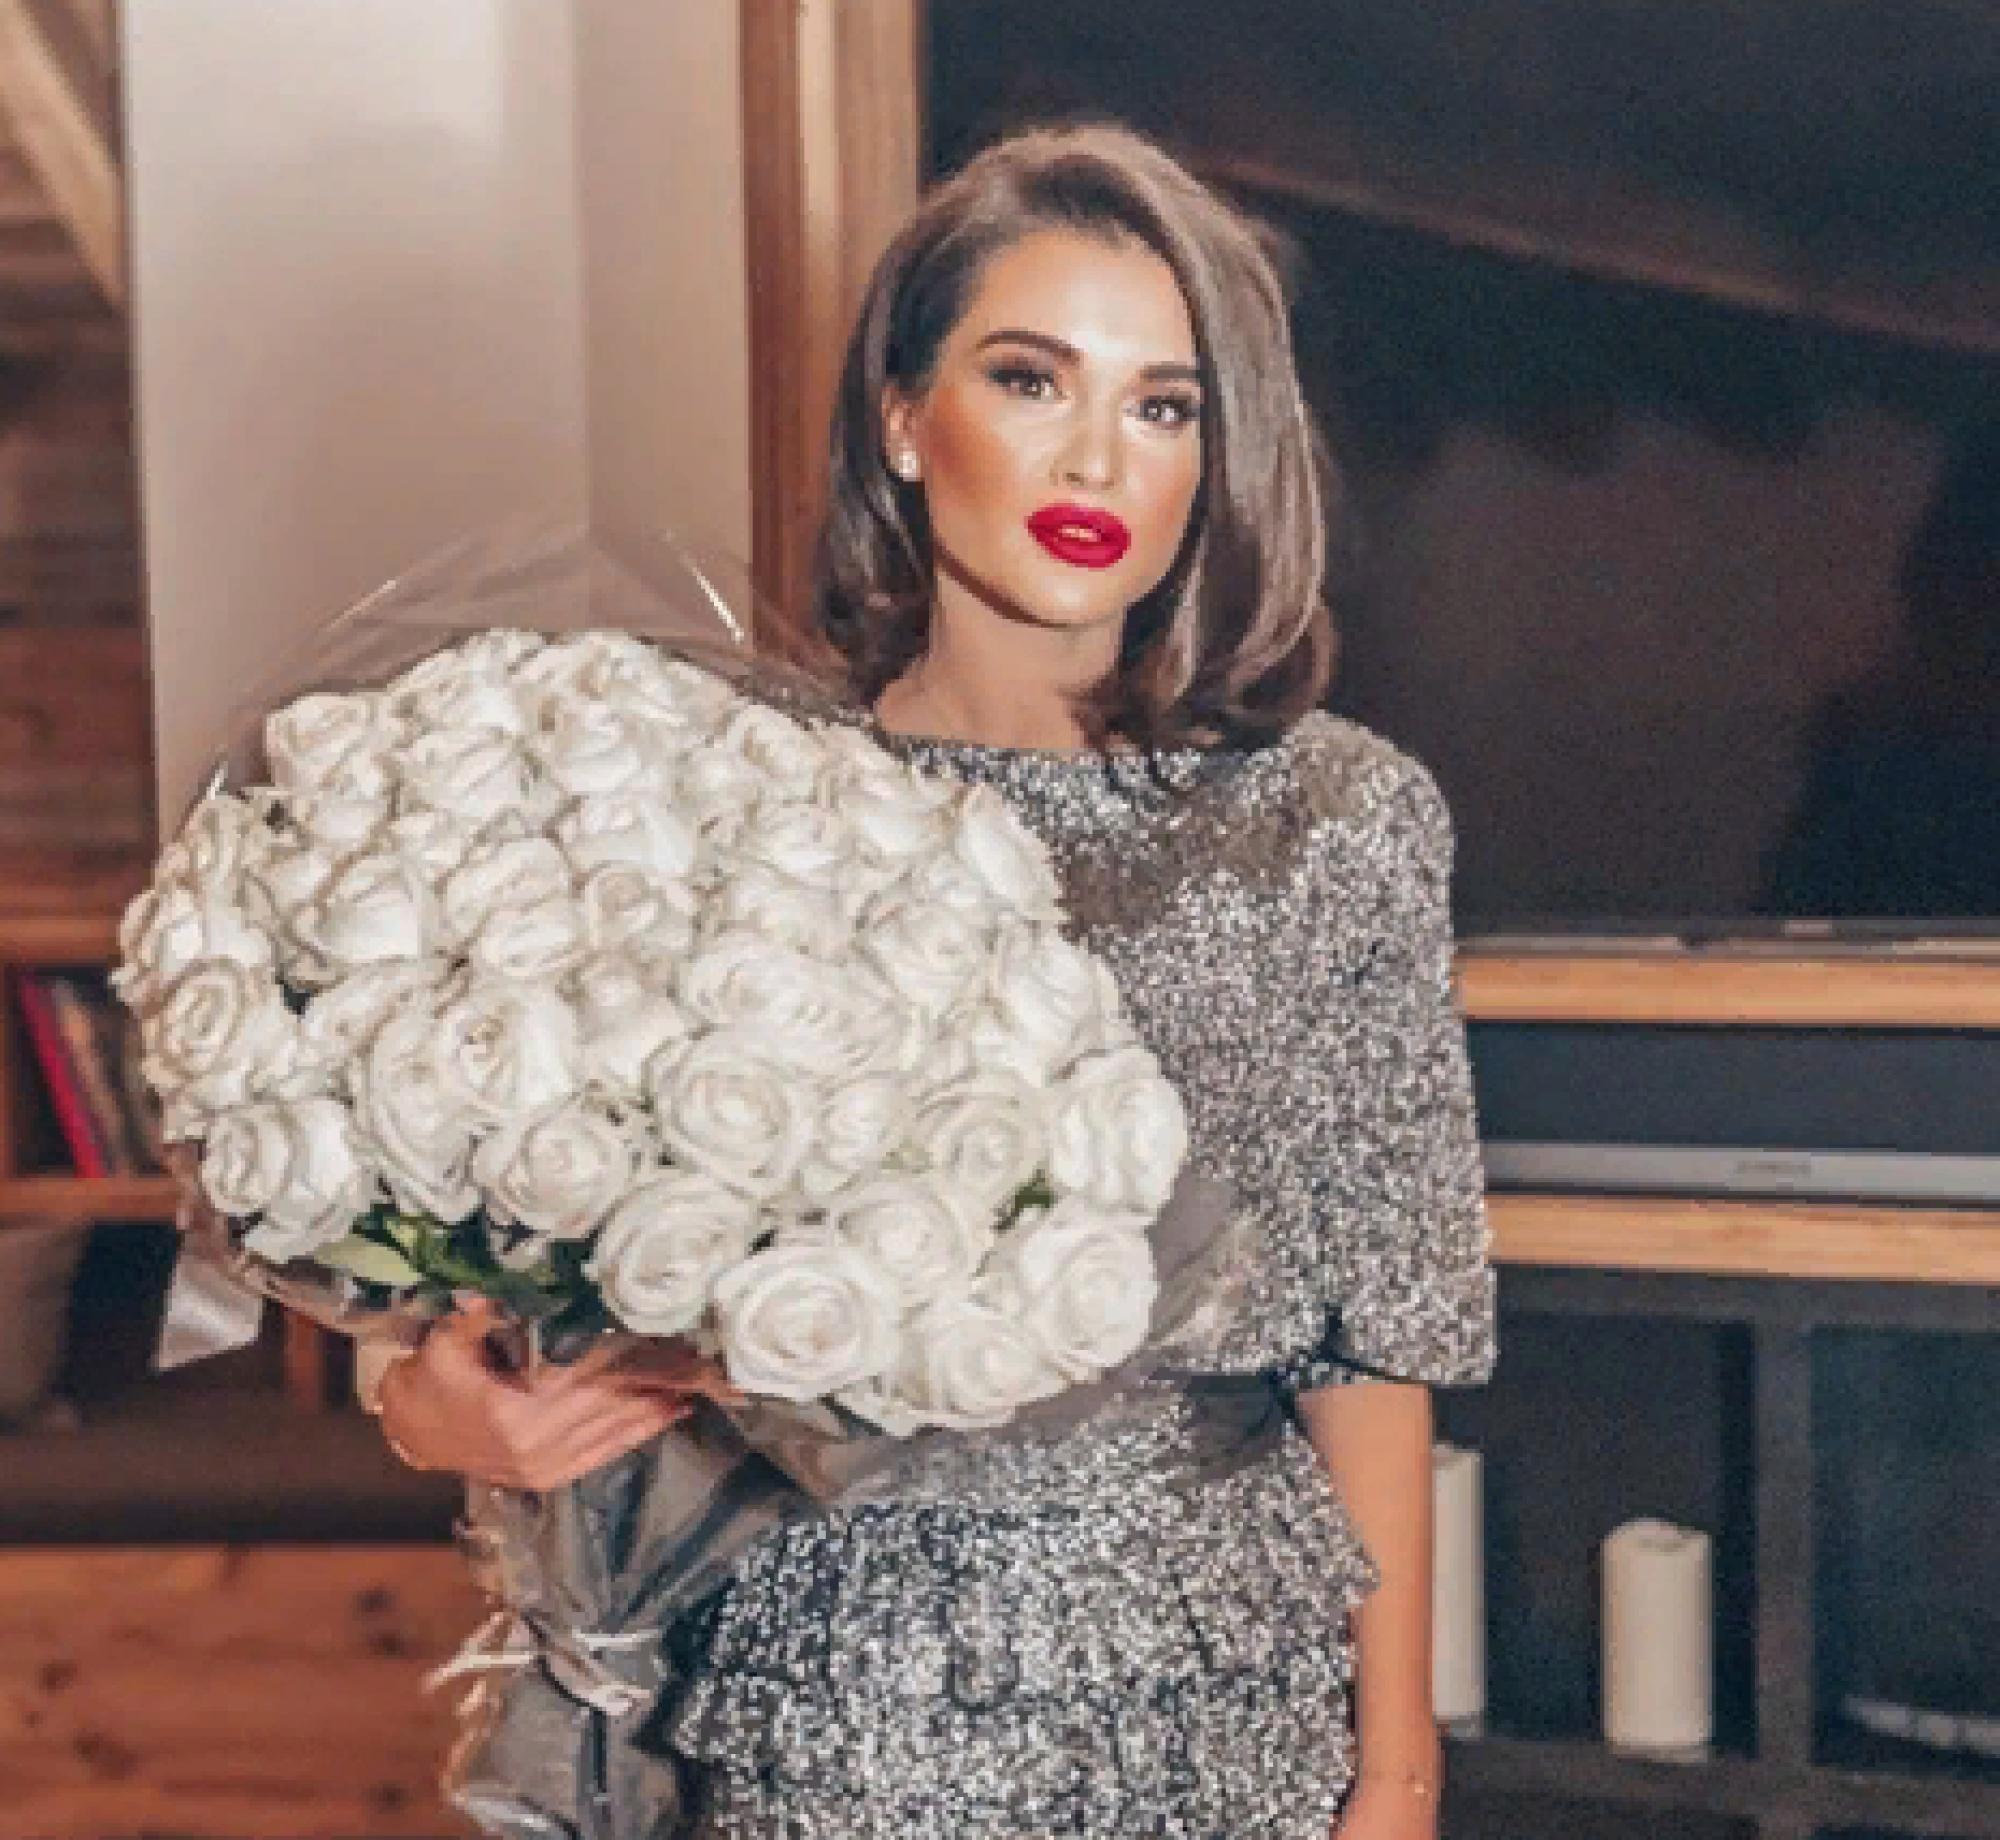 Ксения Бородина получила от мужа дорогой подарок на день рождения